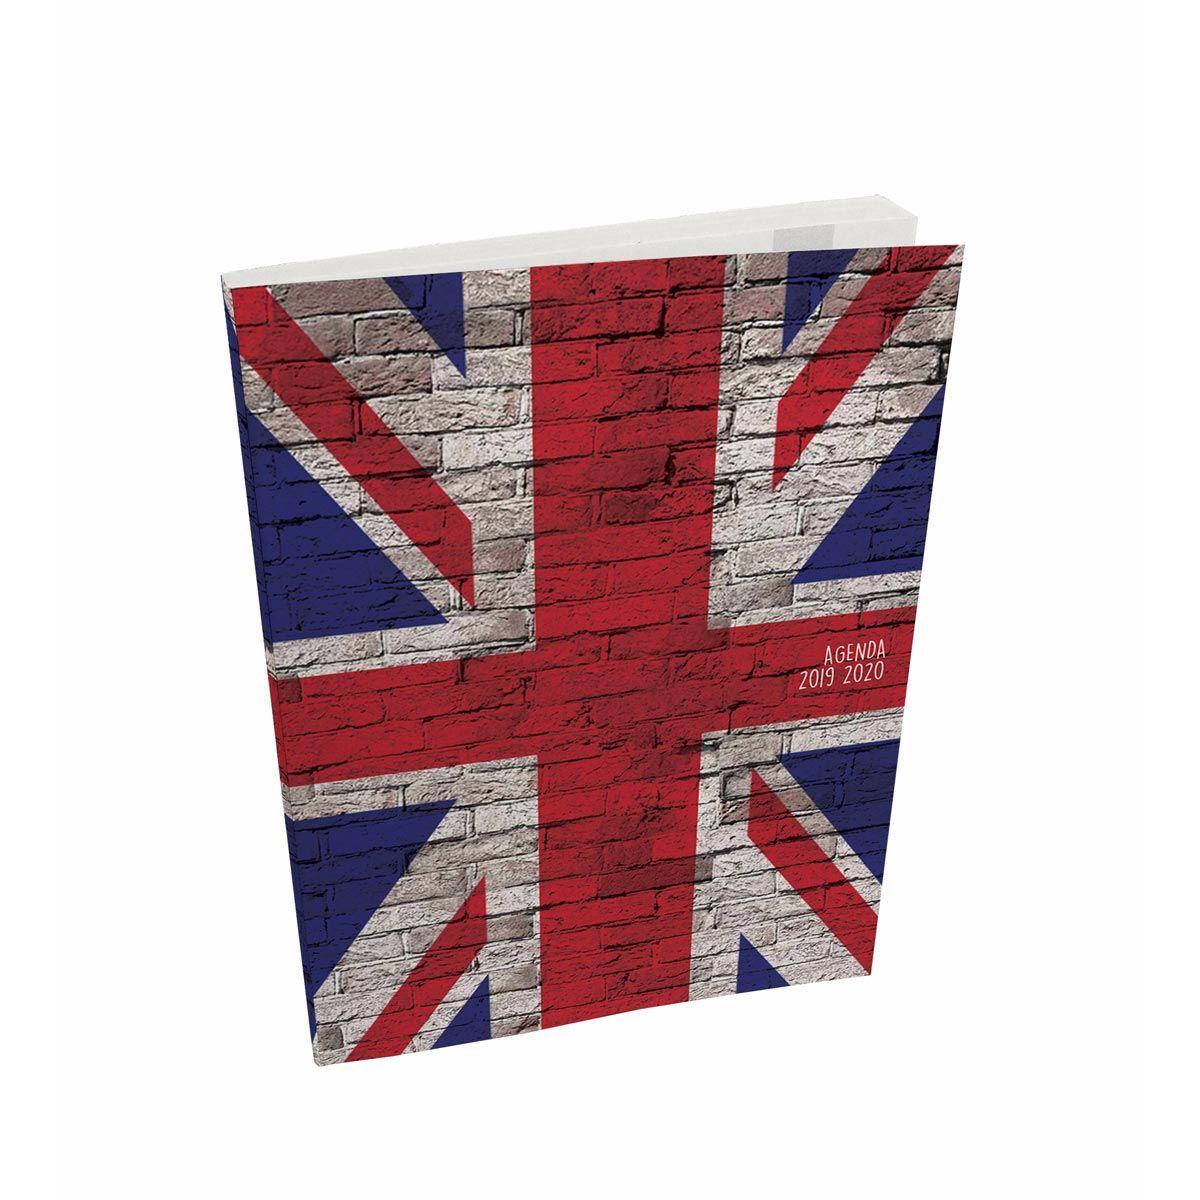 Agenda scolaire semainier 236 pages 16x22cm couverture cartonnée souple drapeau uk 2019 2020